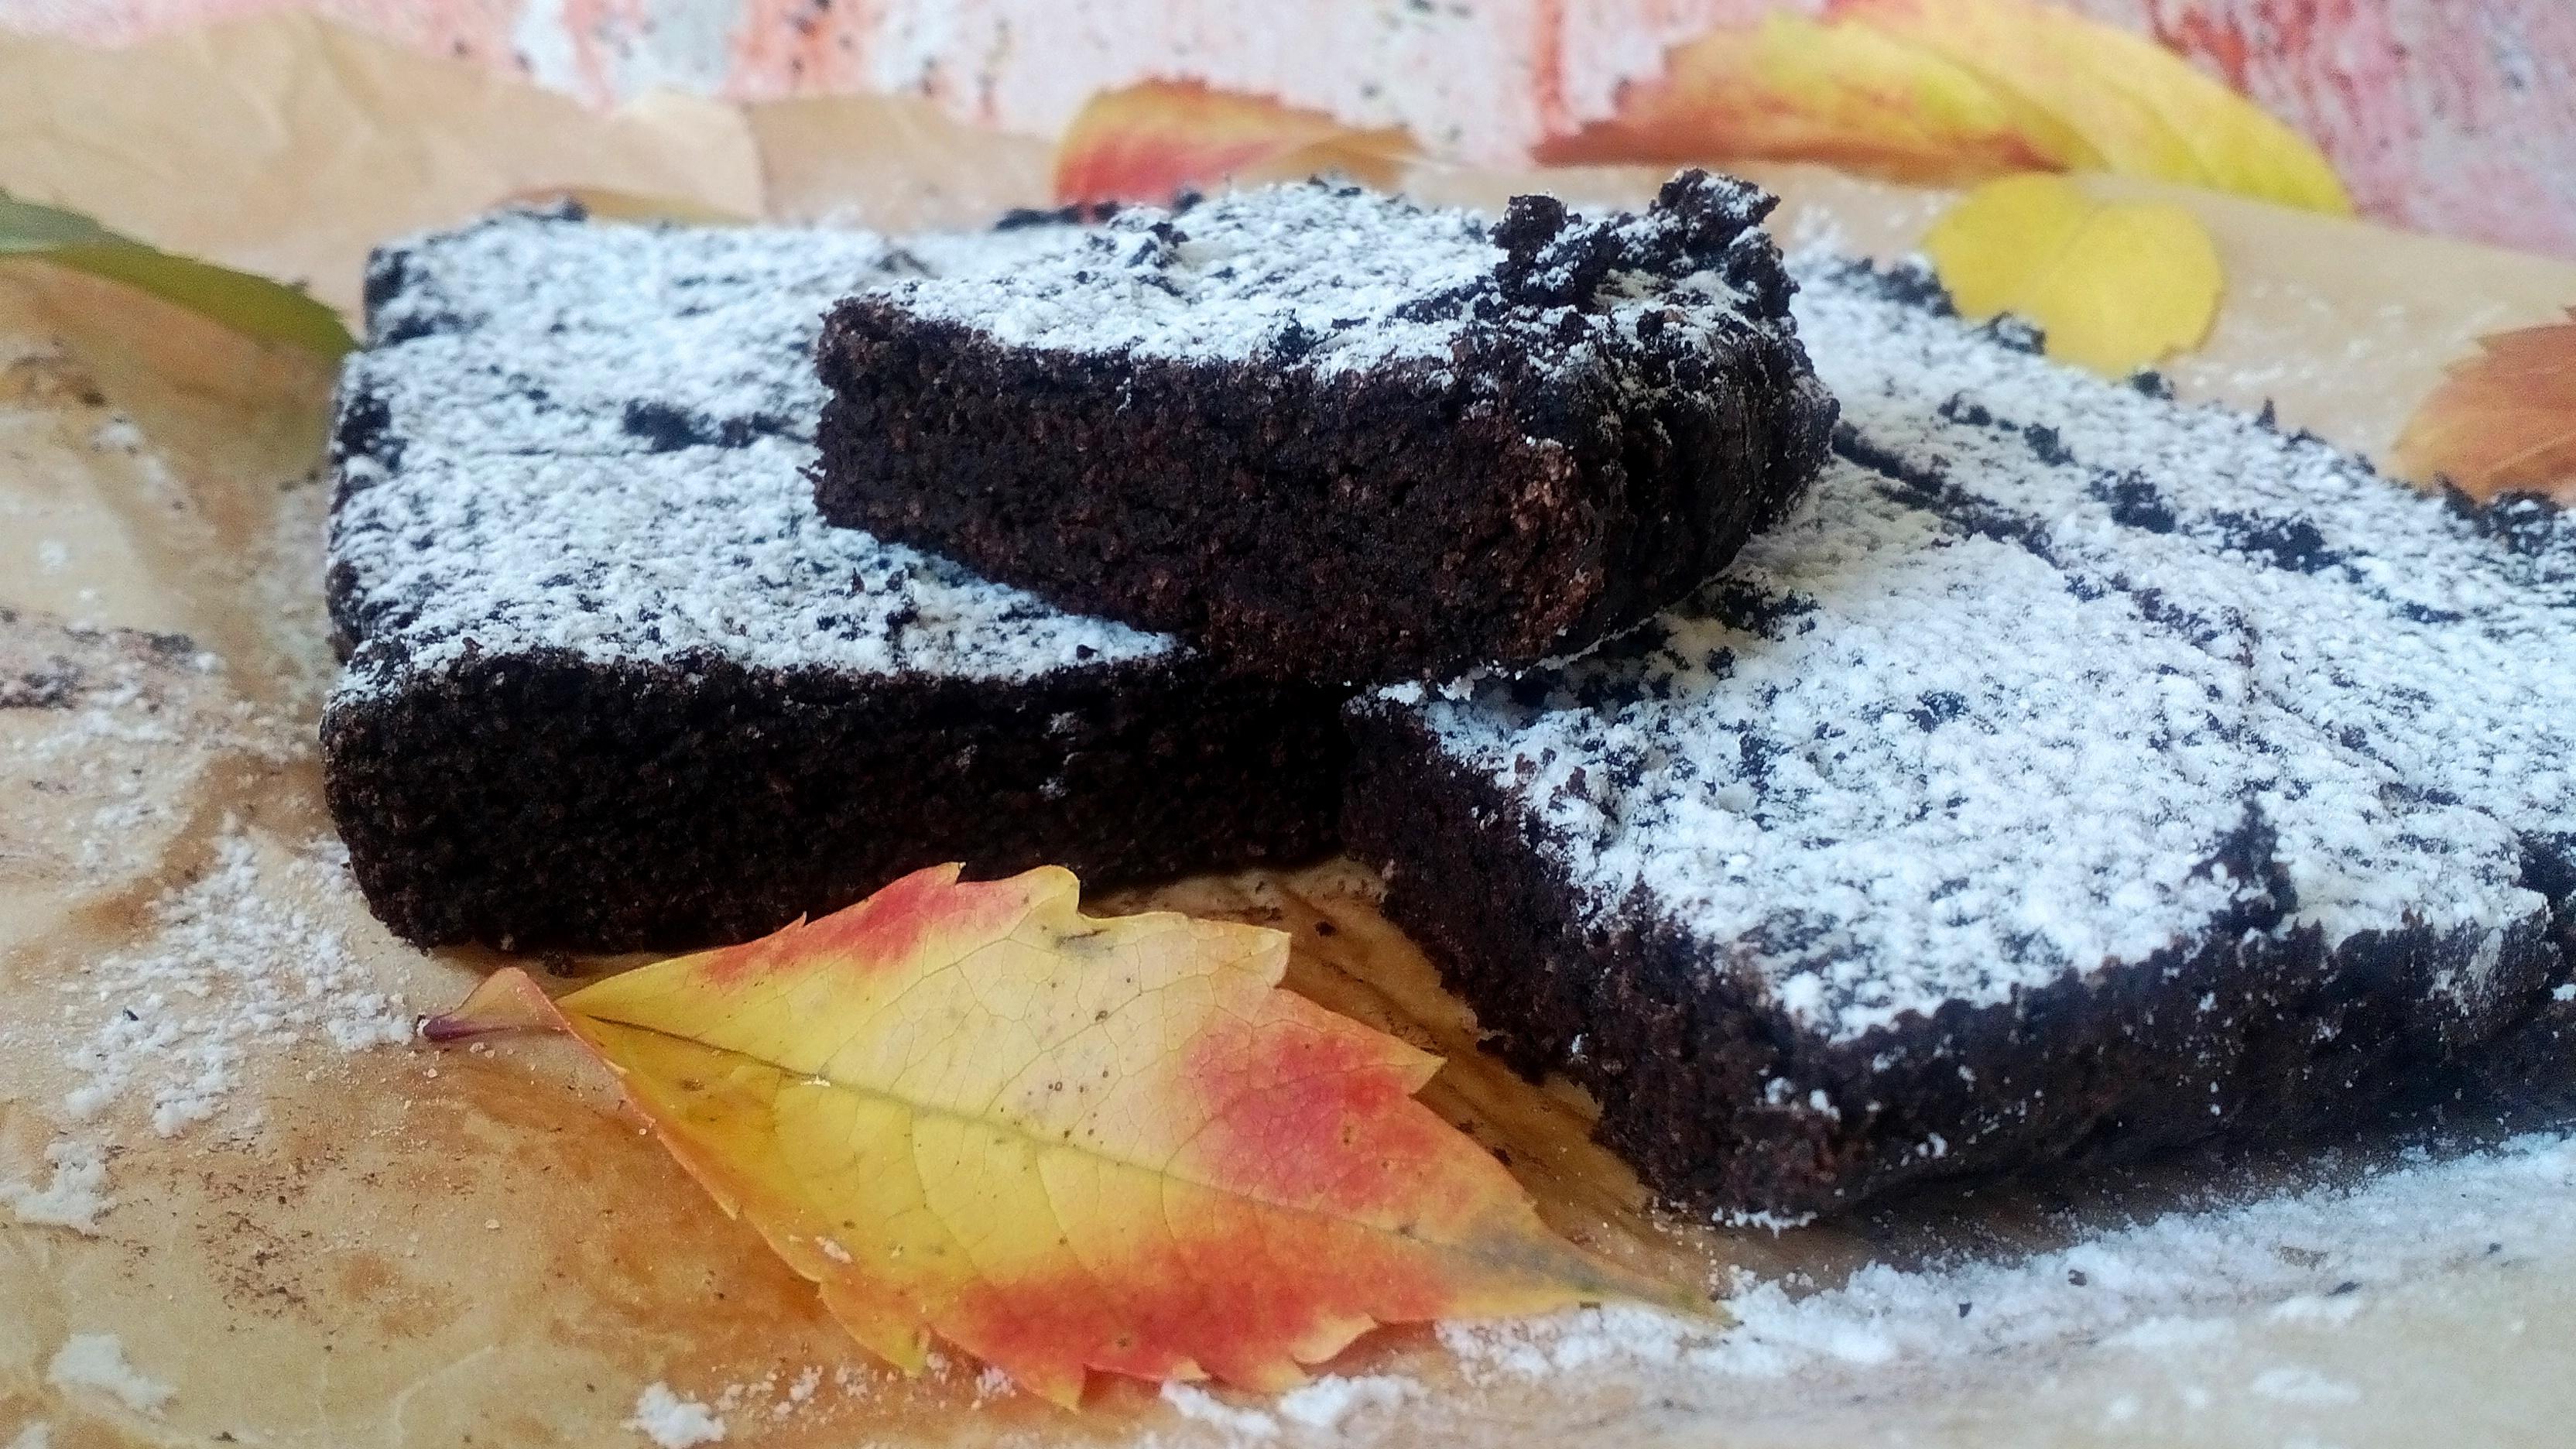 Diétás sütőtökös brownie – így rejts el zöldséget sütiben!